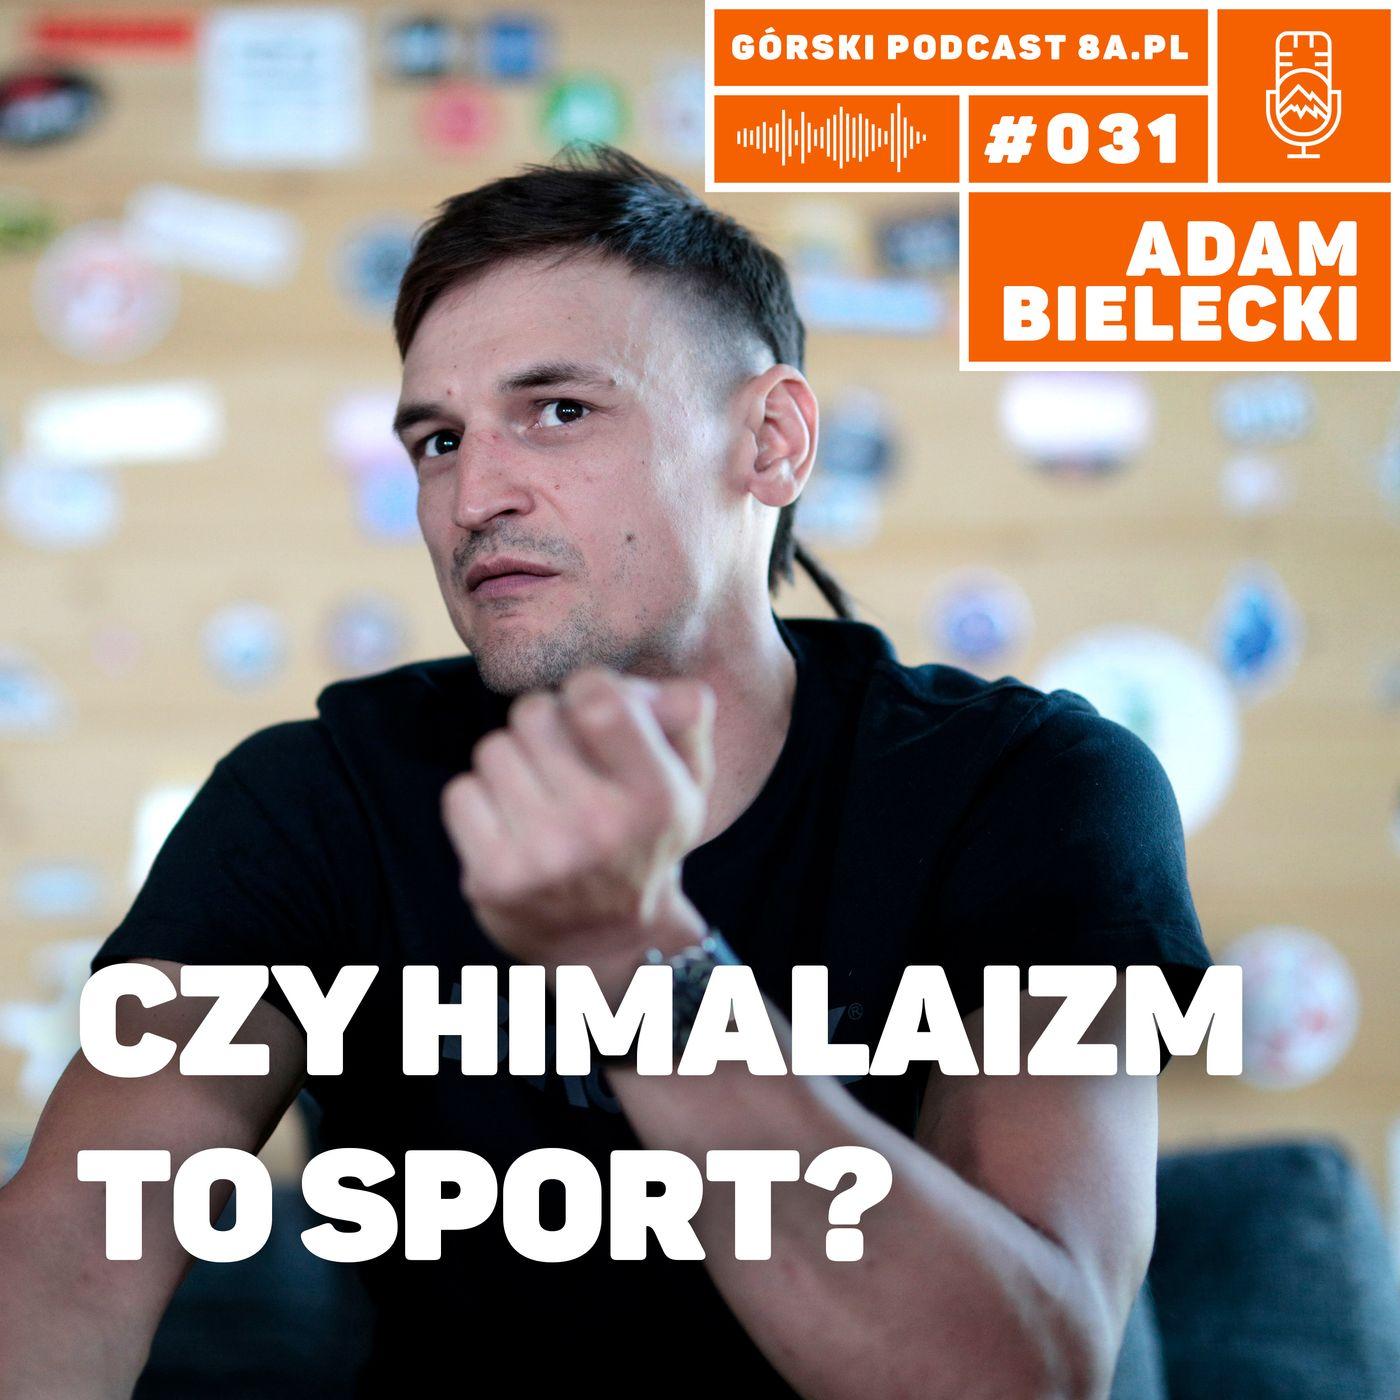 #031 8a.pl - Adam Bielecki. Czy himalaizm to sport?